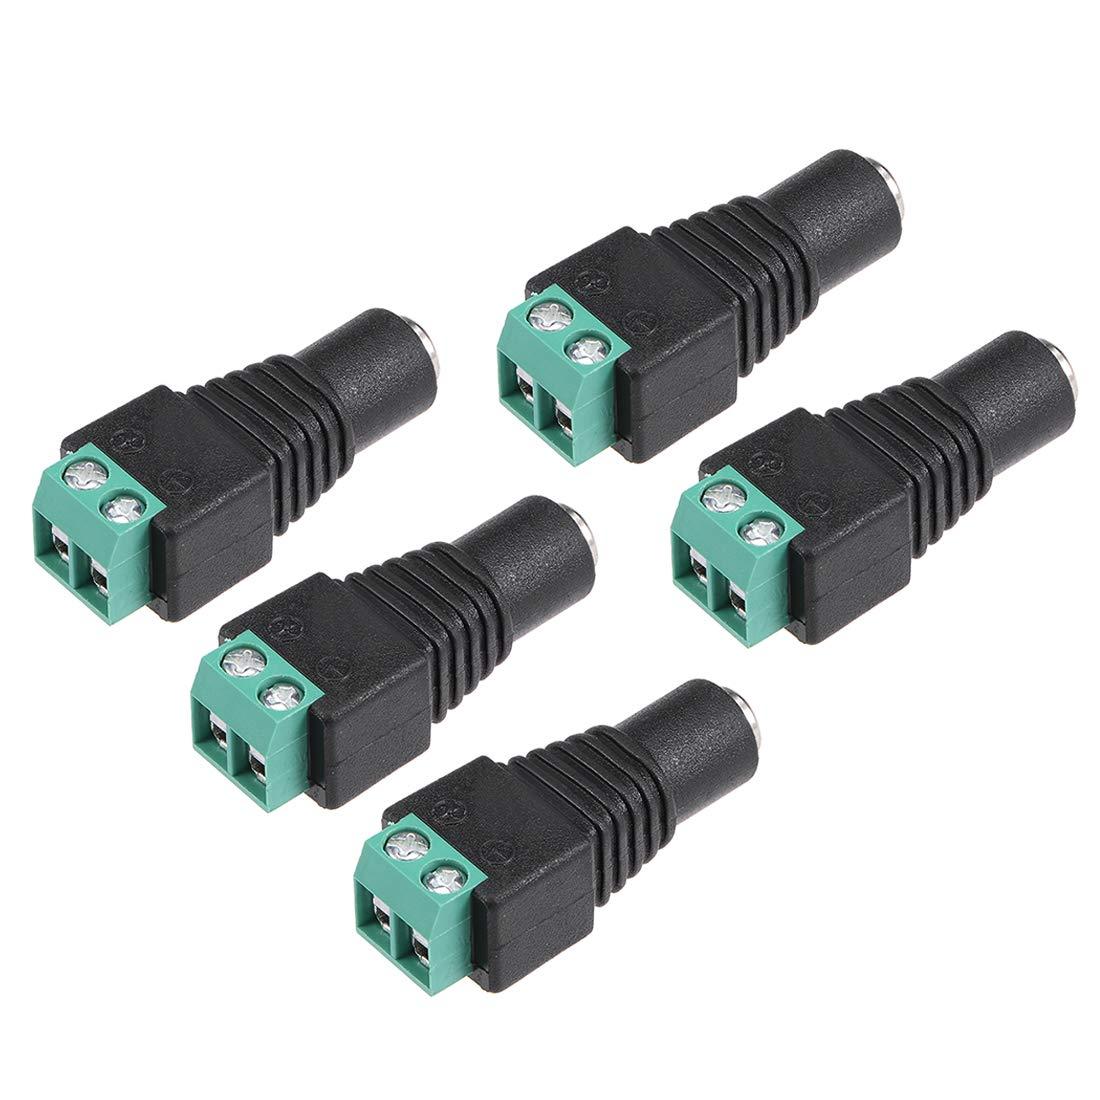 sourcing map DC Power Connector 5.5mm x 2.1mm 12V 24V Power Jack Socket for Led Strip CCTV Security Camera 5pcs